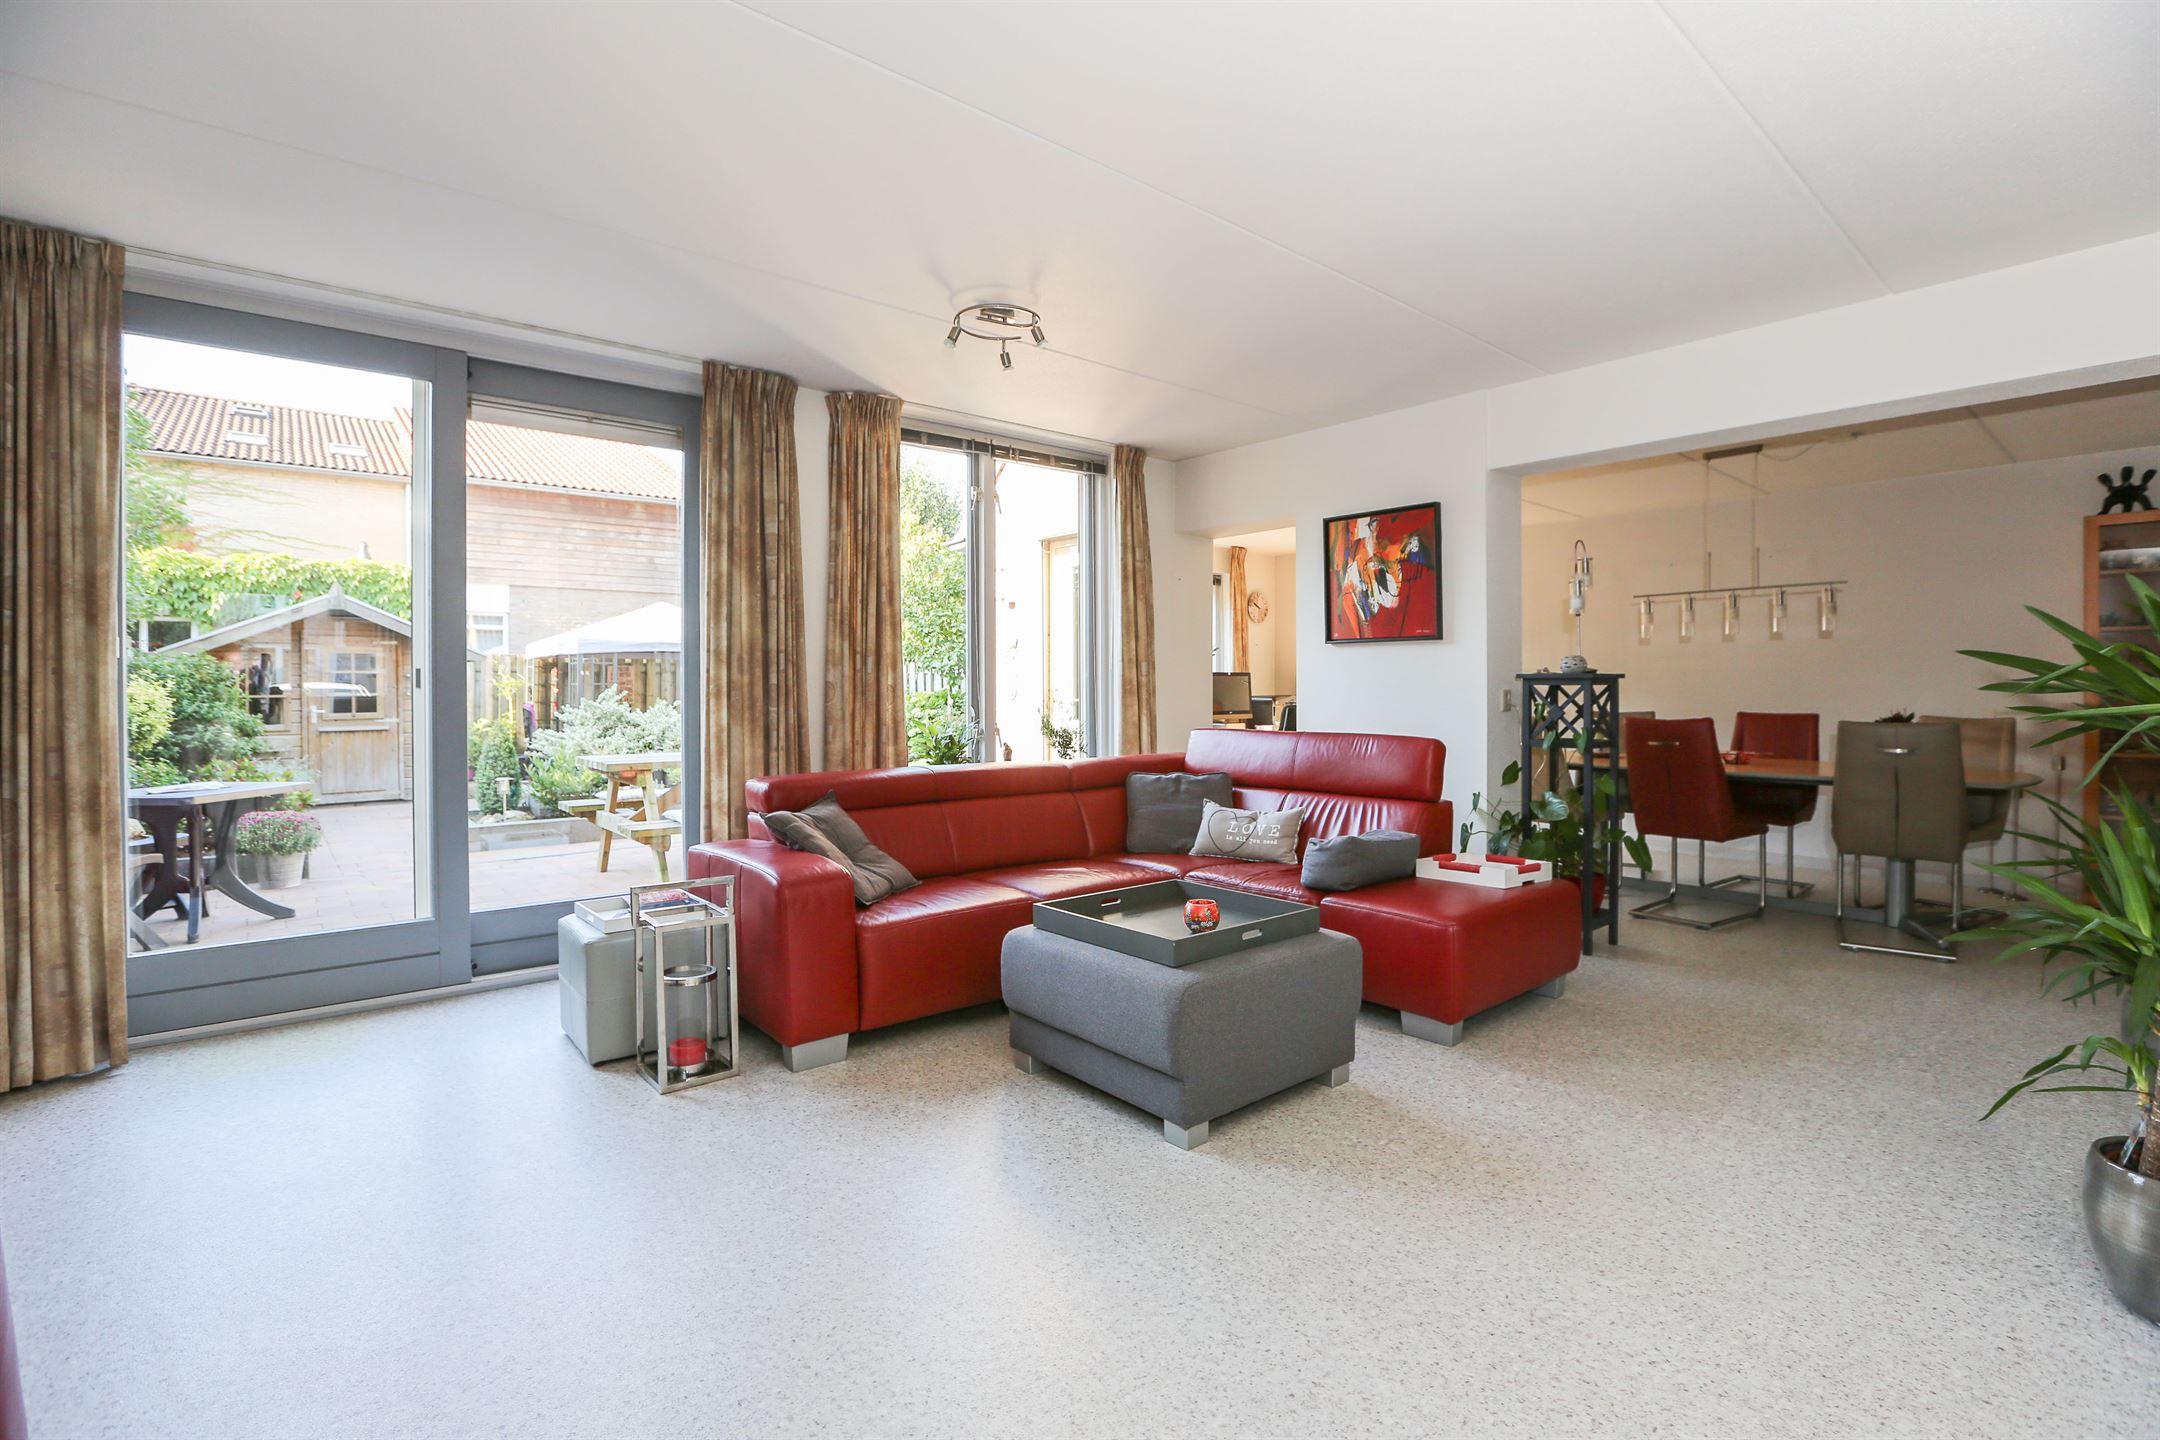 Huis te koop: holtgesbroek 1403 6546 ph nijmegen [funda]